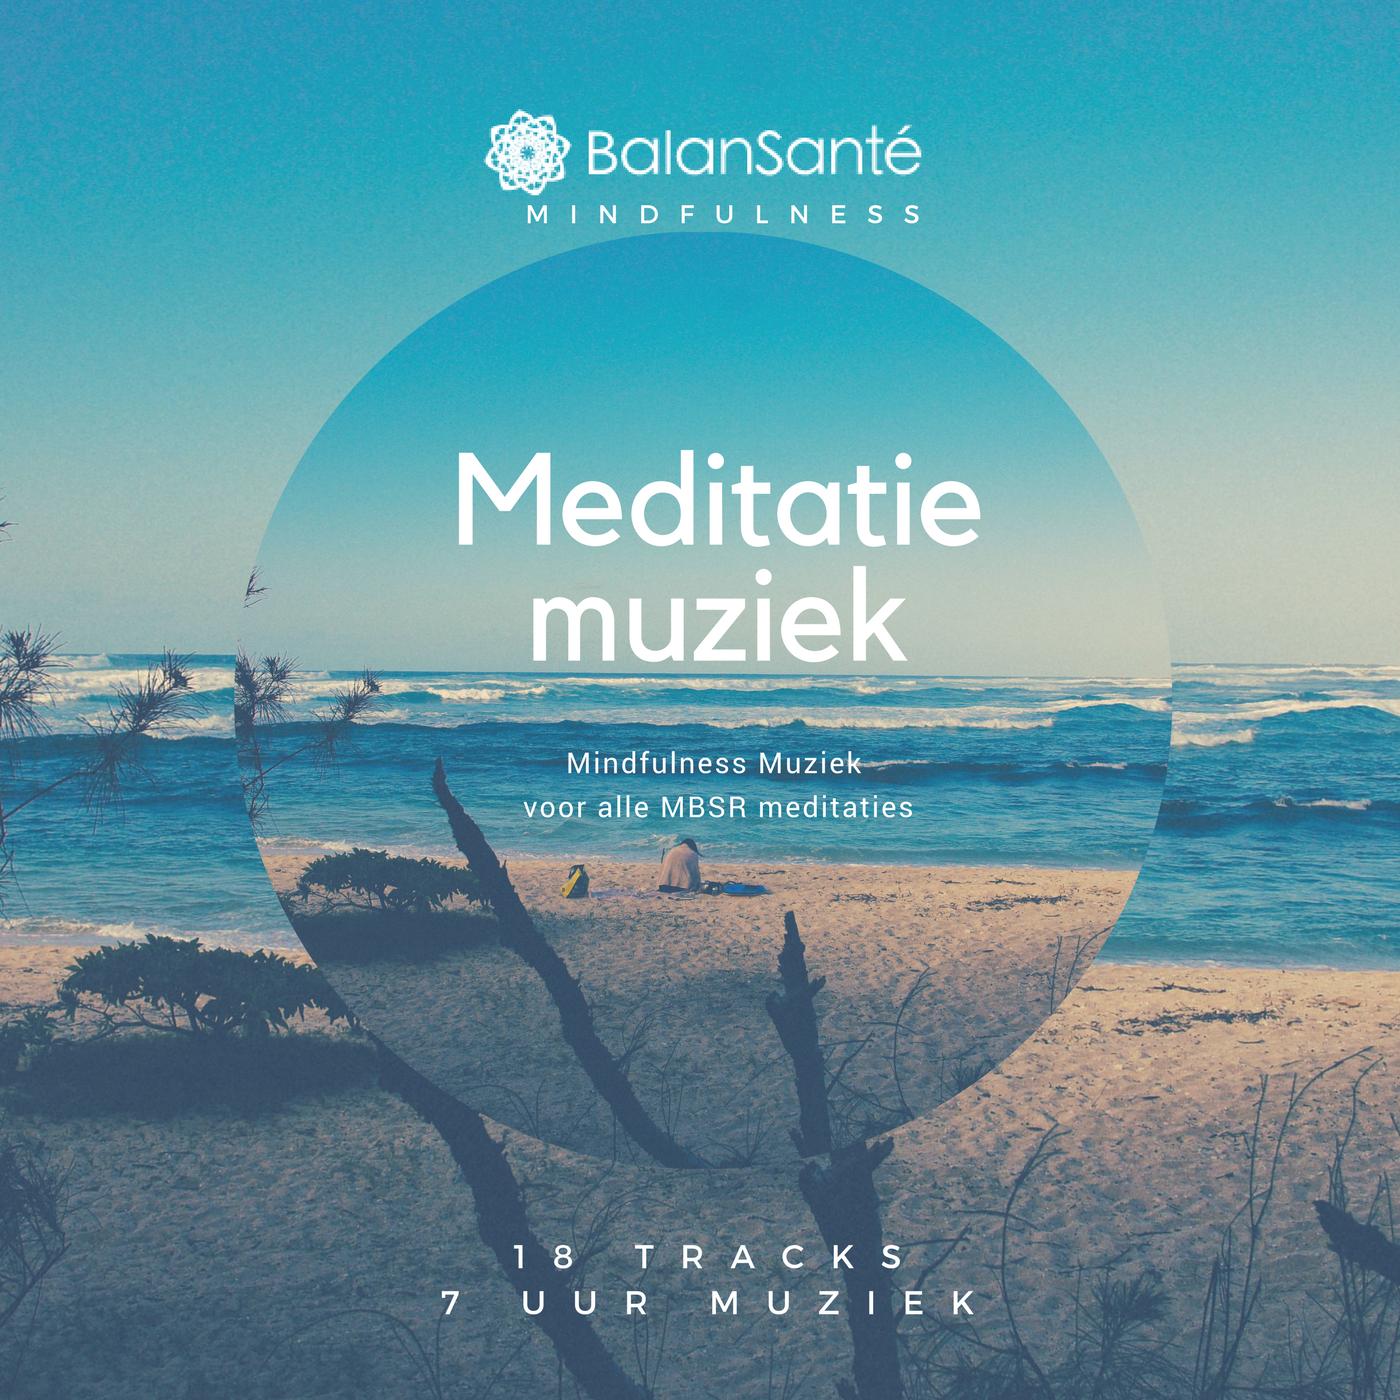 BalanSanté Mindfulness Meditatie muziek